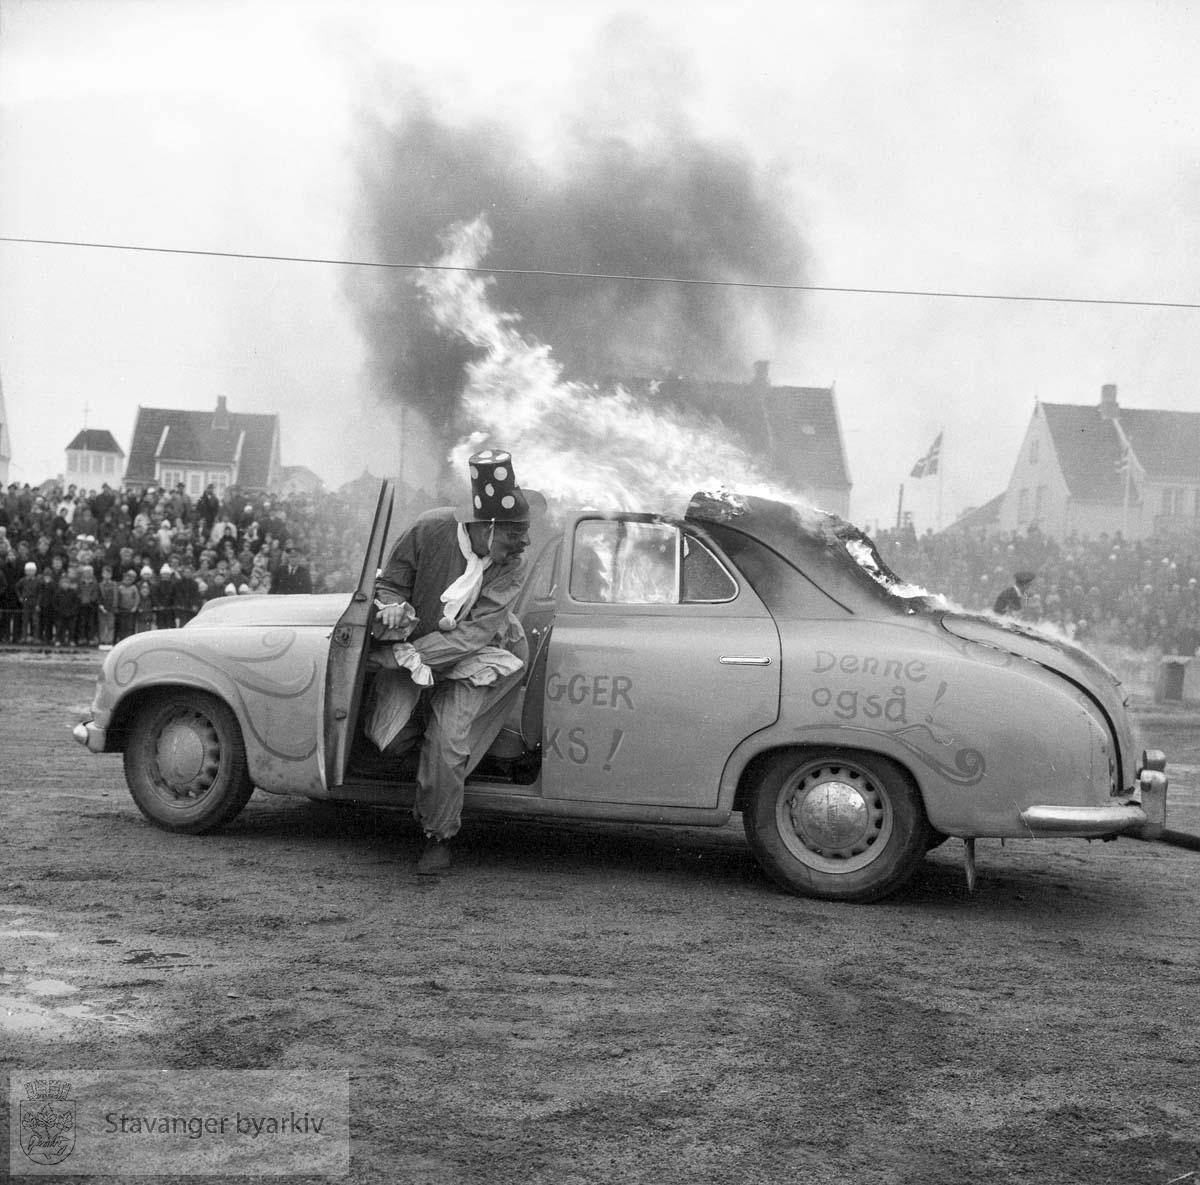 Oppvisning av gammelt og nyere materiell. Karl Jørgensen i klovnedrakt kjører en brennende bil.